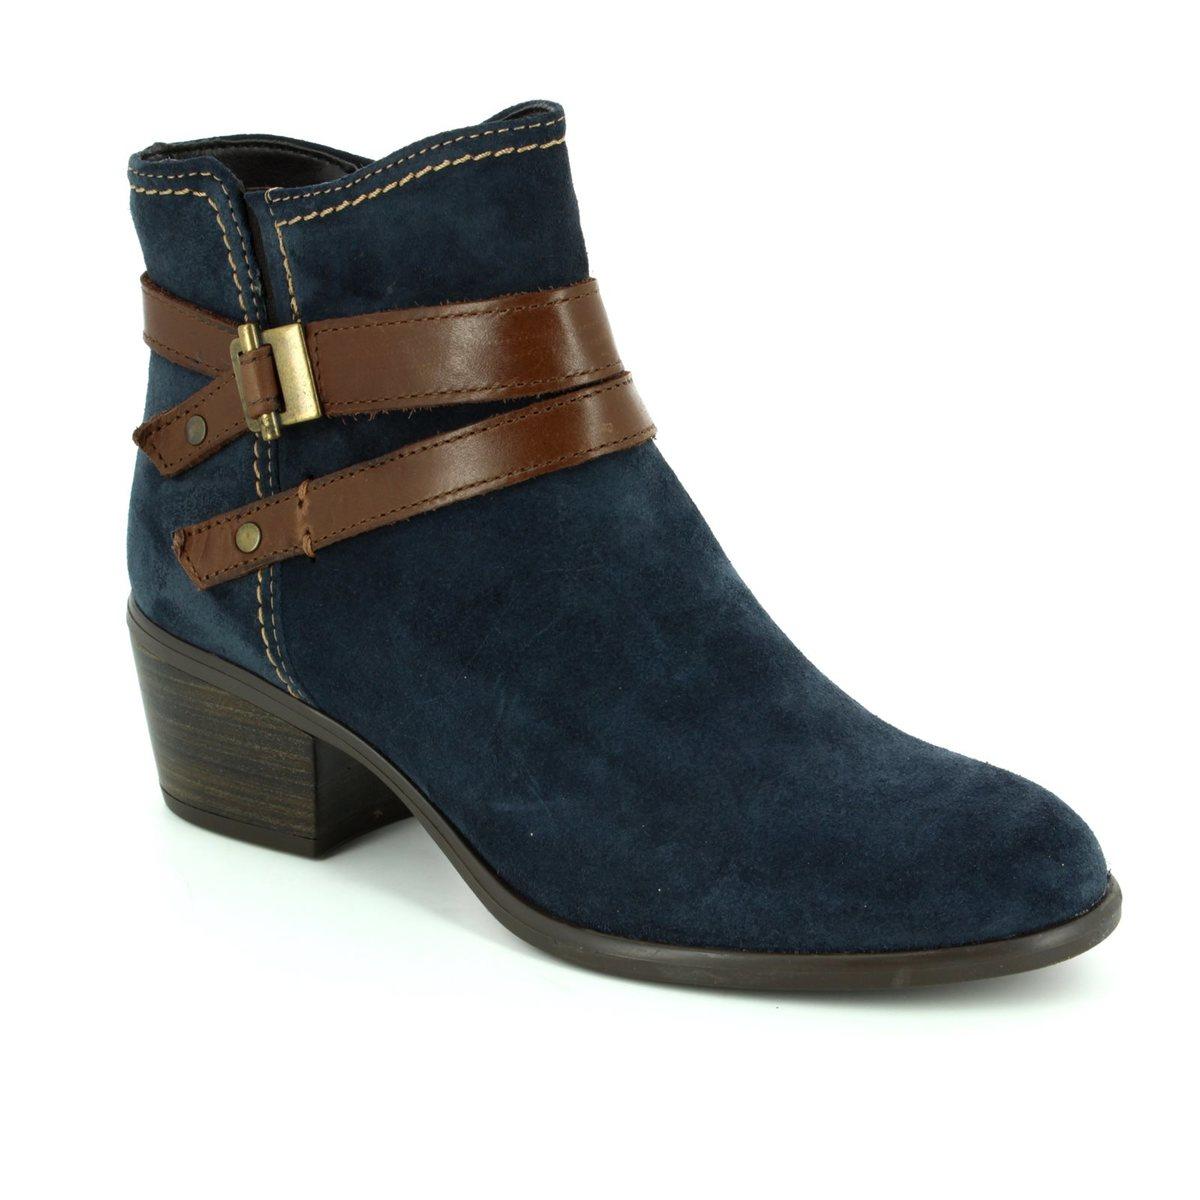 tamaris becka 72 25010 863 navy suede ankle boots. Black Bedroom Furniture Sets. Home Design Ideas